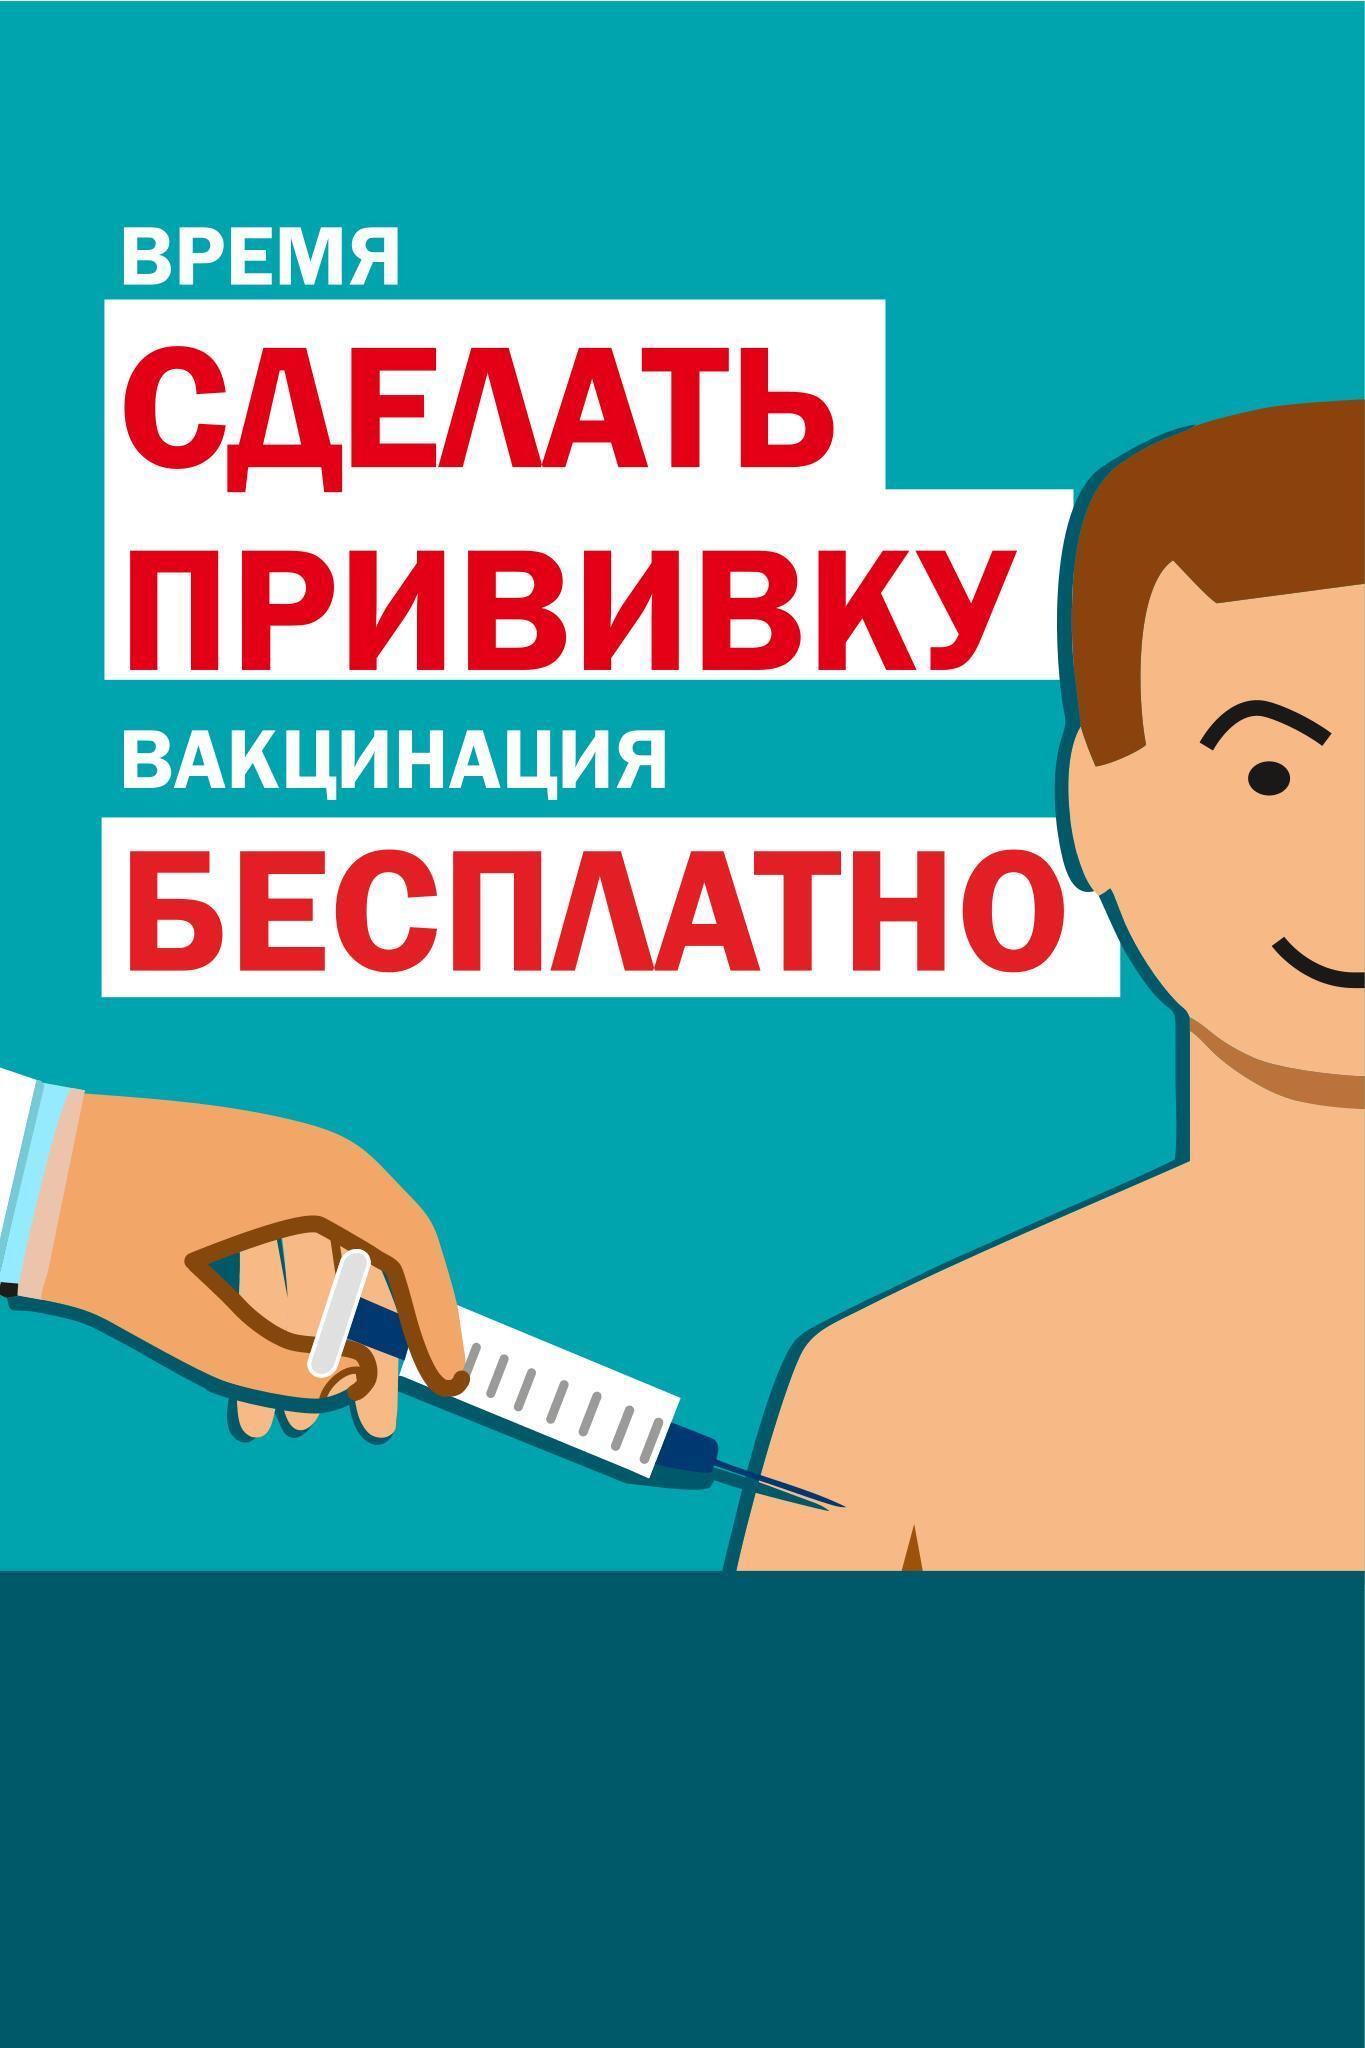 Время делать прививку от ГРИППа